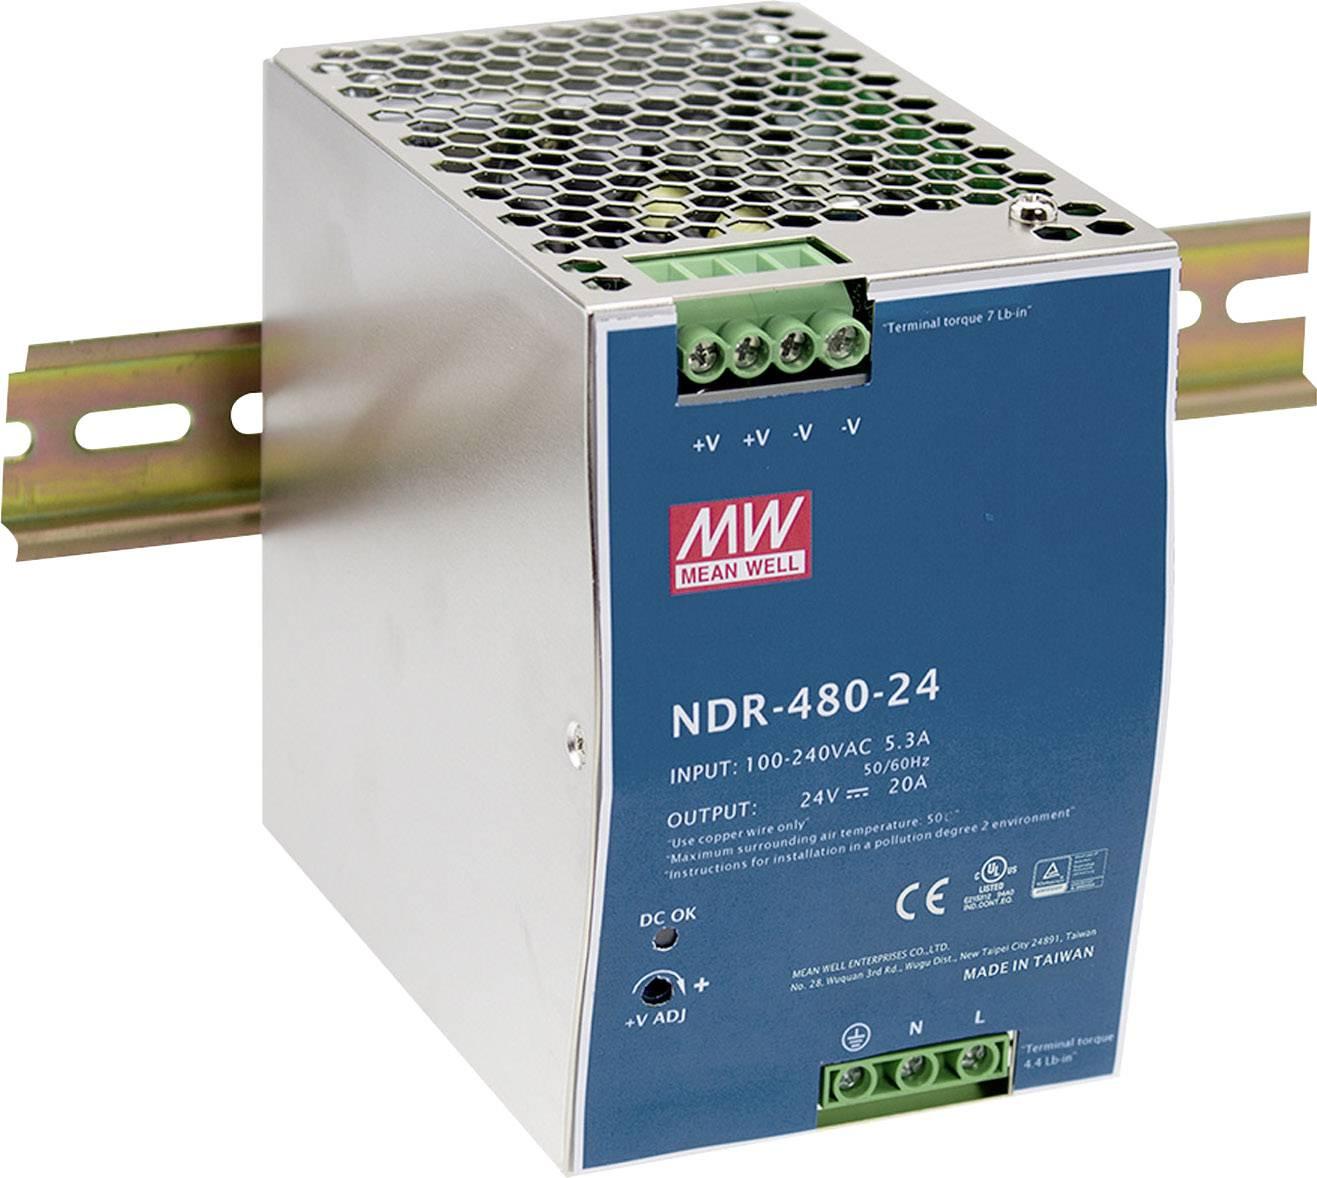 Síťový zdroj na DIN lištu Mean Well NDR-480-24, 1 x, 480 W